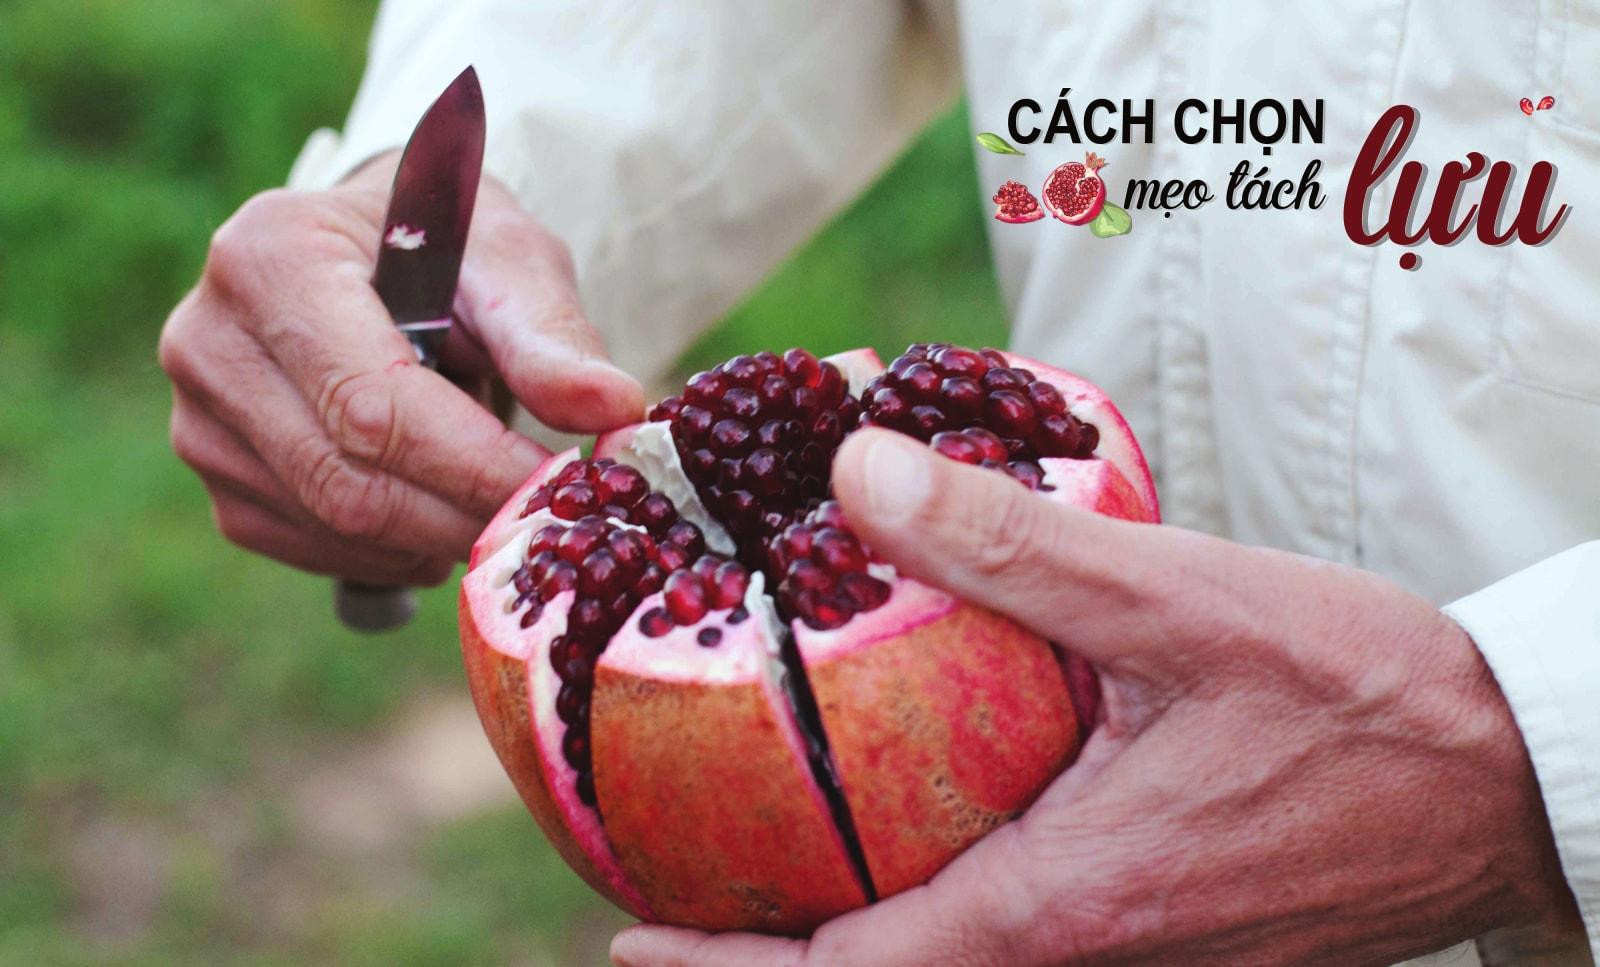 Cách chọn mua quả lựu ngon chuẩn từng quả   Fuji Fruit   Hệ thống hoa quả  sạch nhập khẩu Fuji